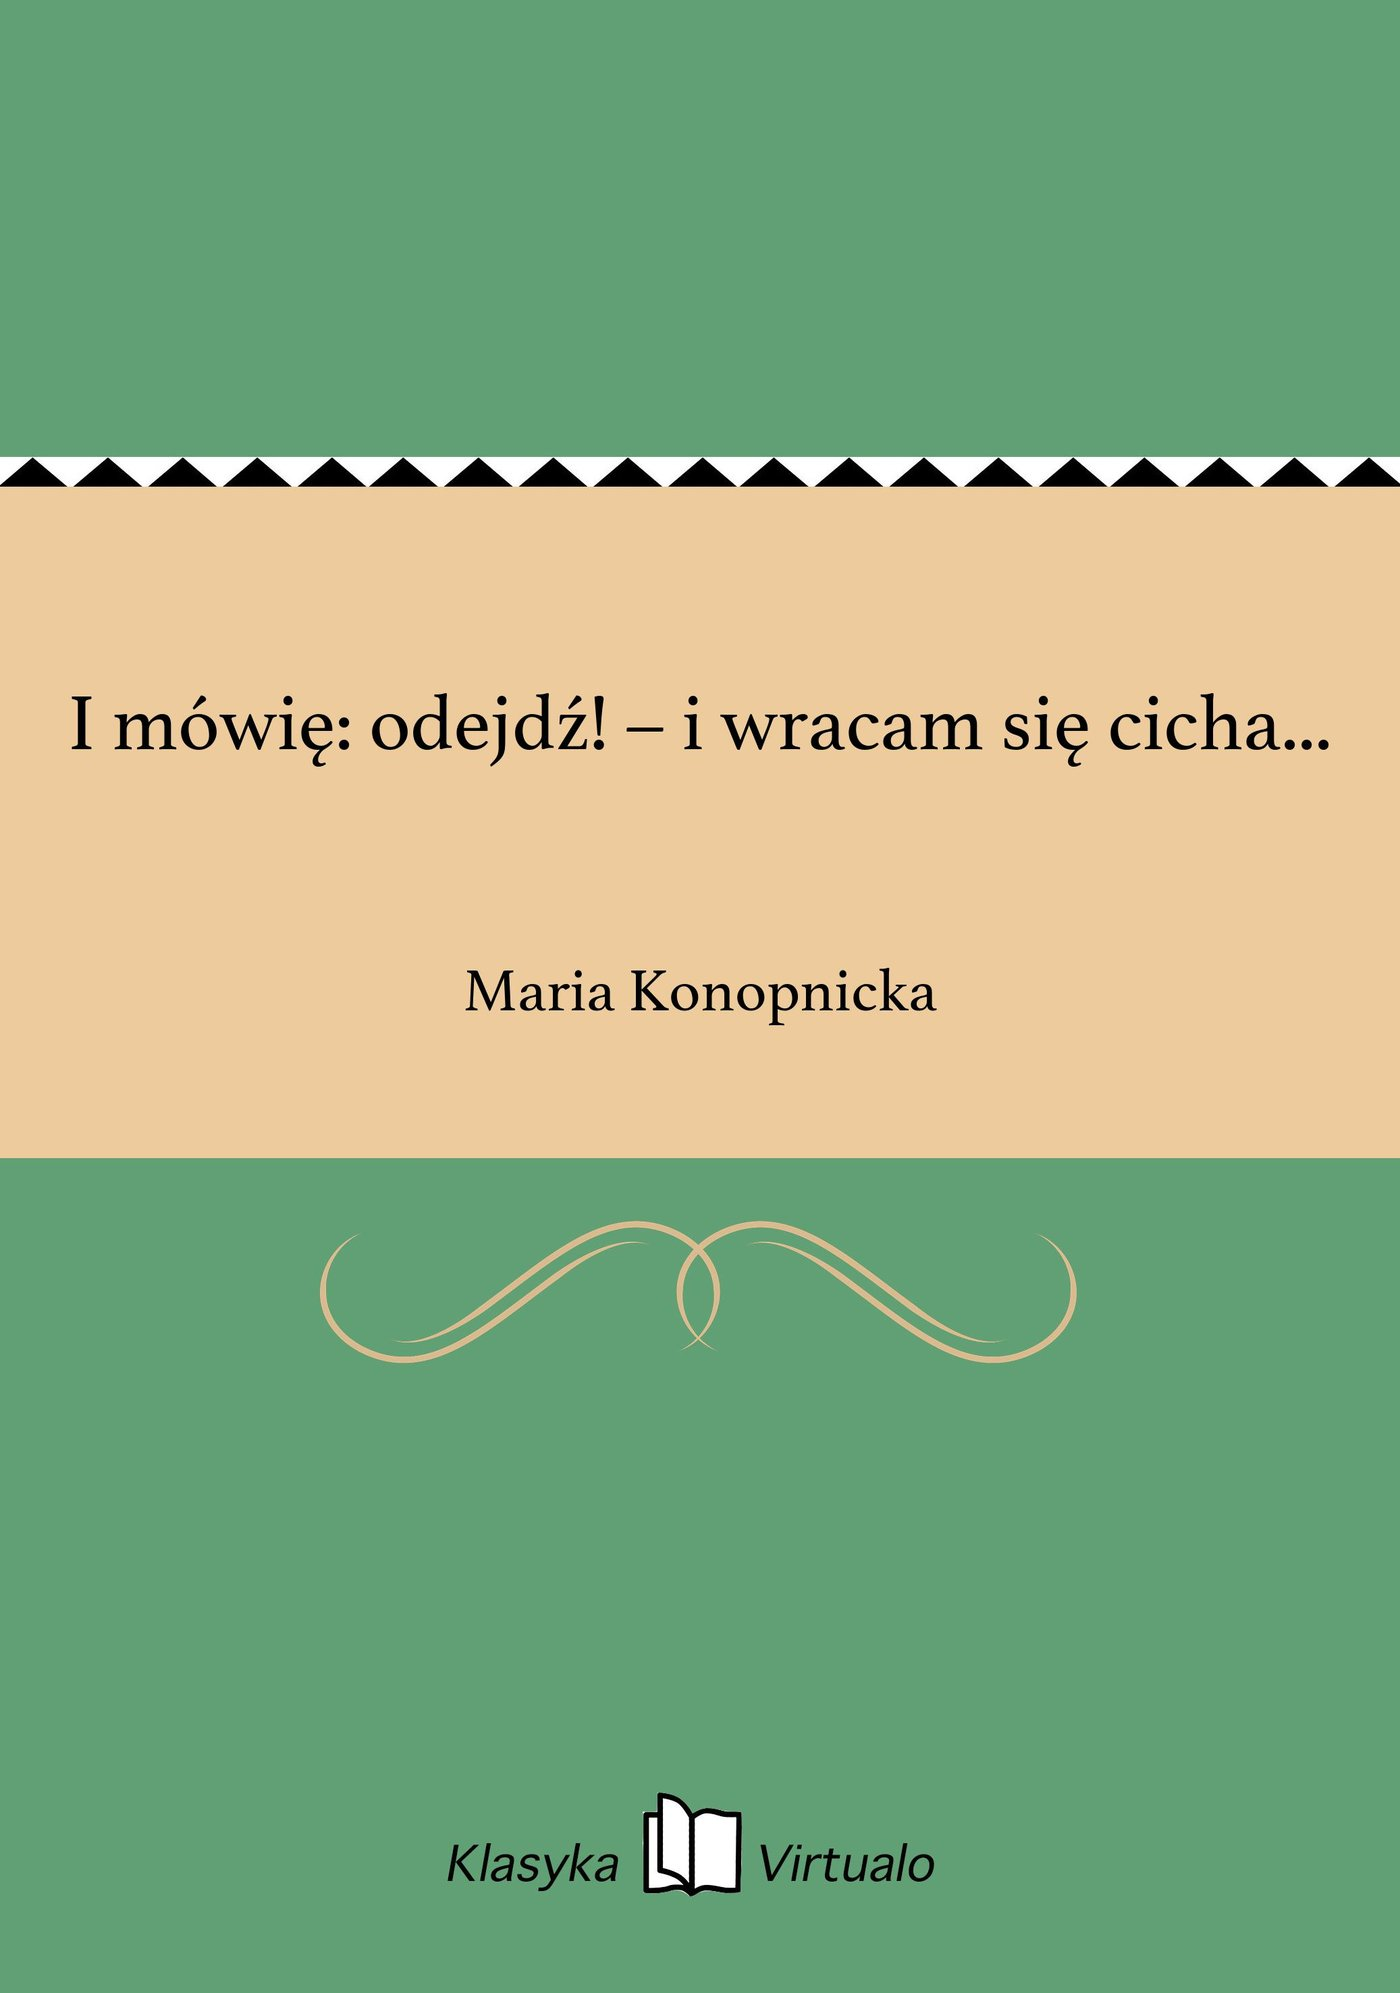 I mówię: odejdź! – i wracam się cicha... - Ebook (Książka na Kindle) do pobrania w formacie MOBI